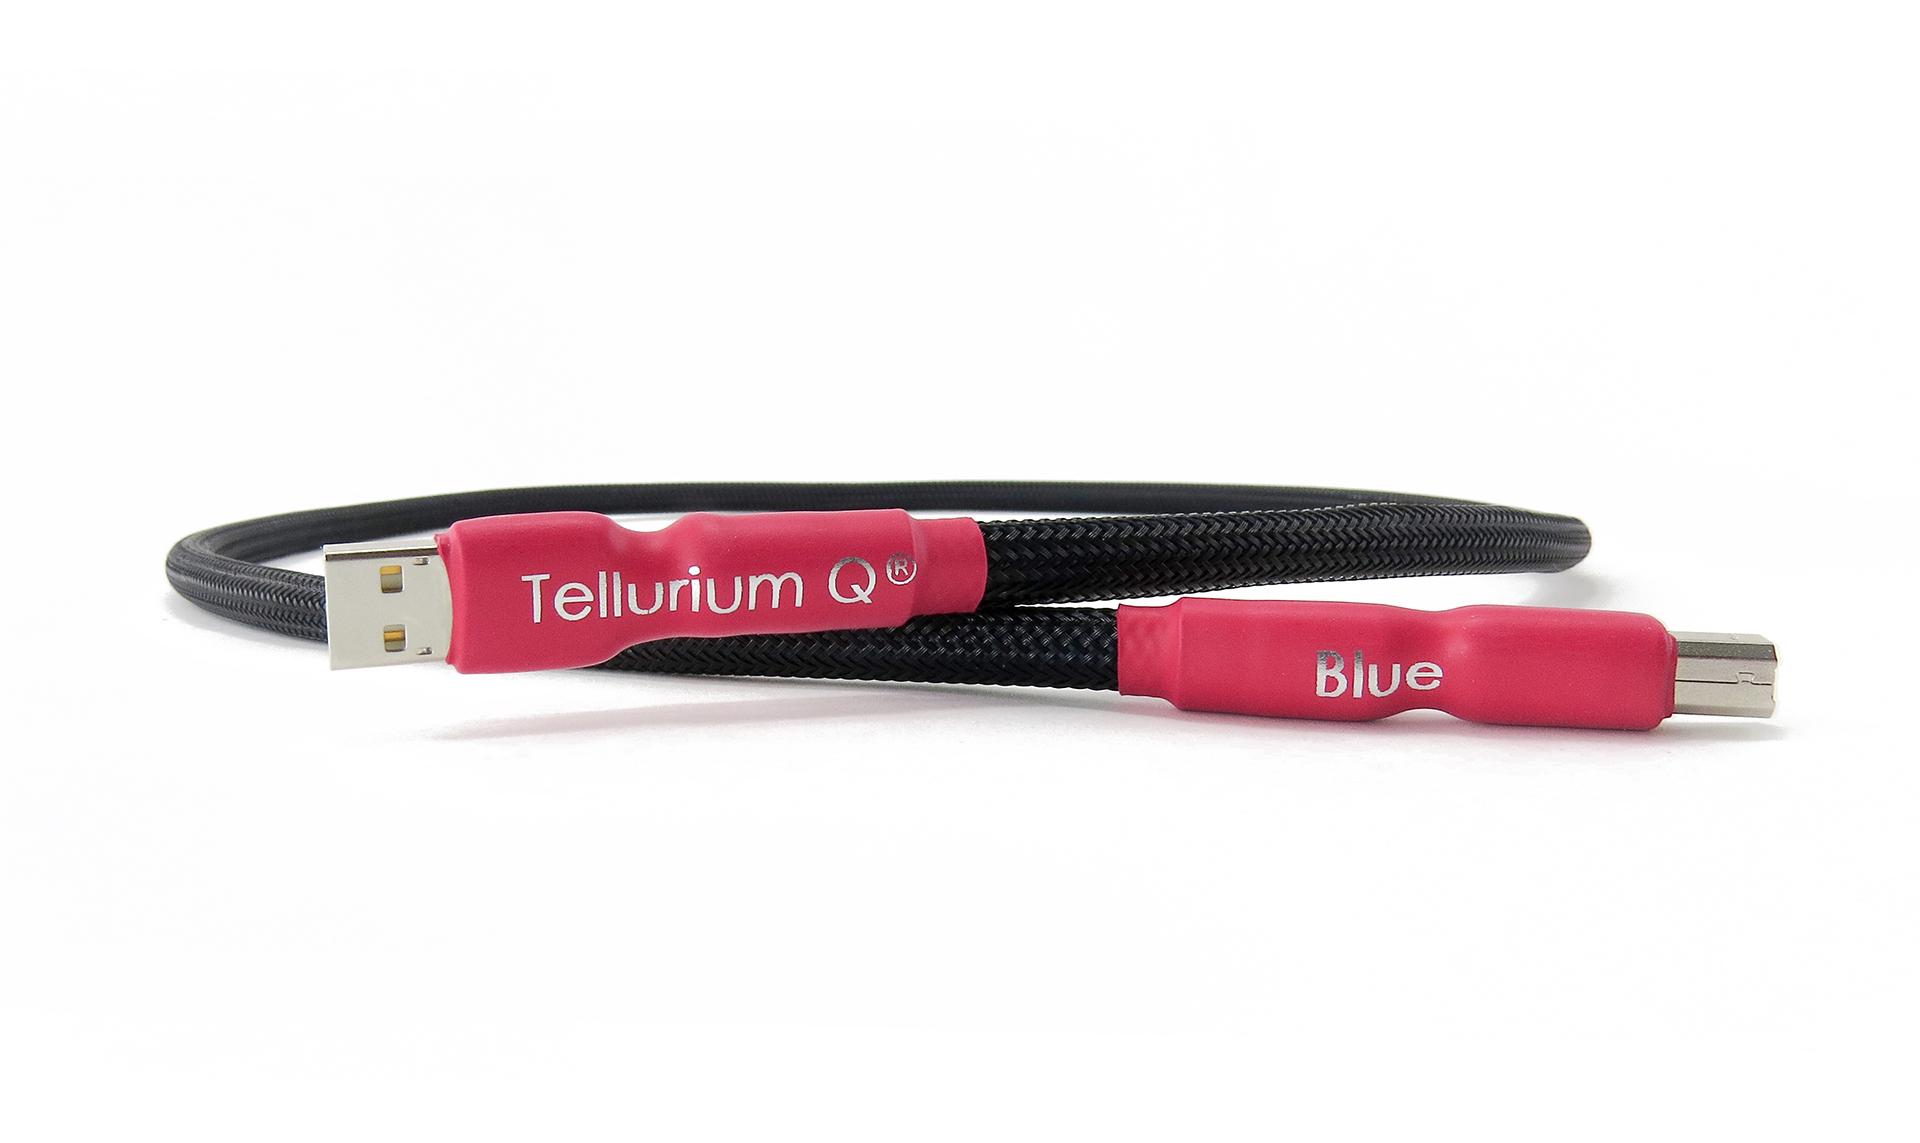 Tellurium Q | Blue | USB Kabel